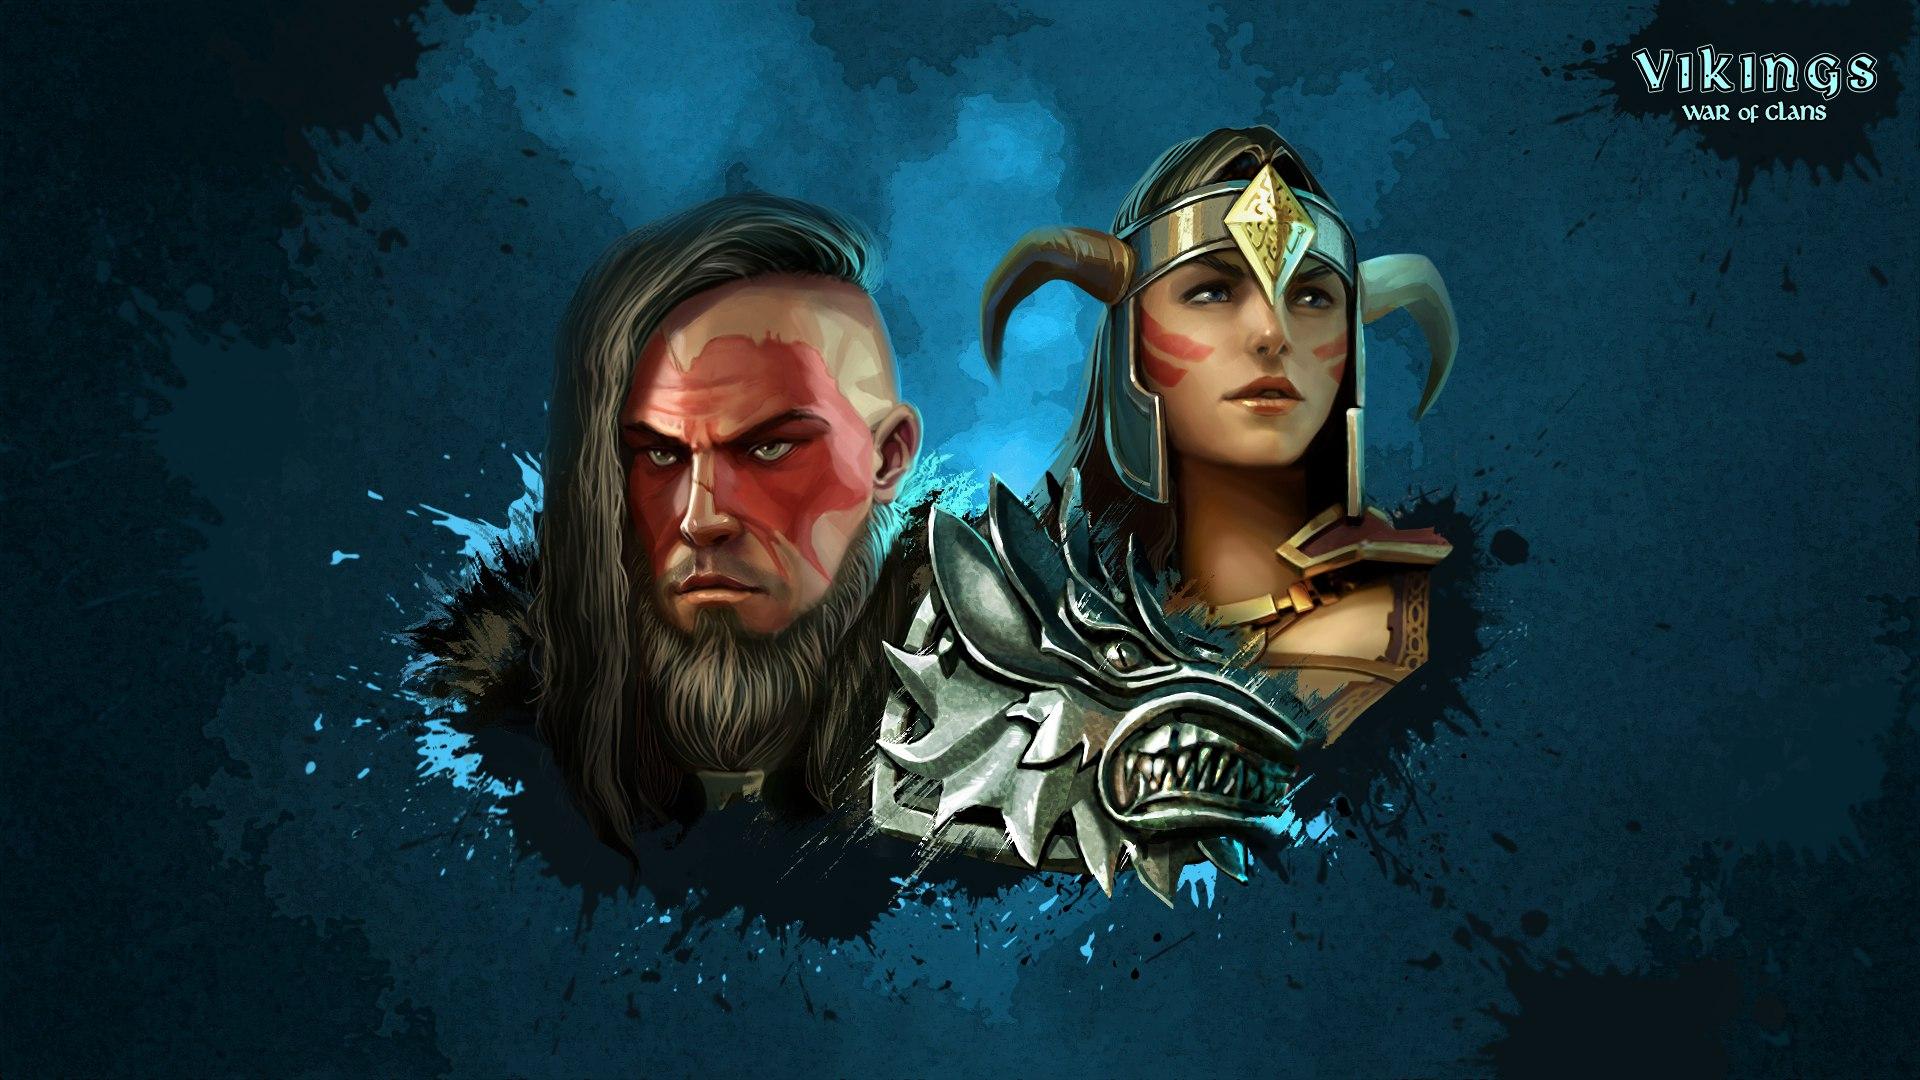 Гайд по игре Vikings War of Clans: Герои и Шаманы. - Изображение 1